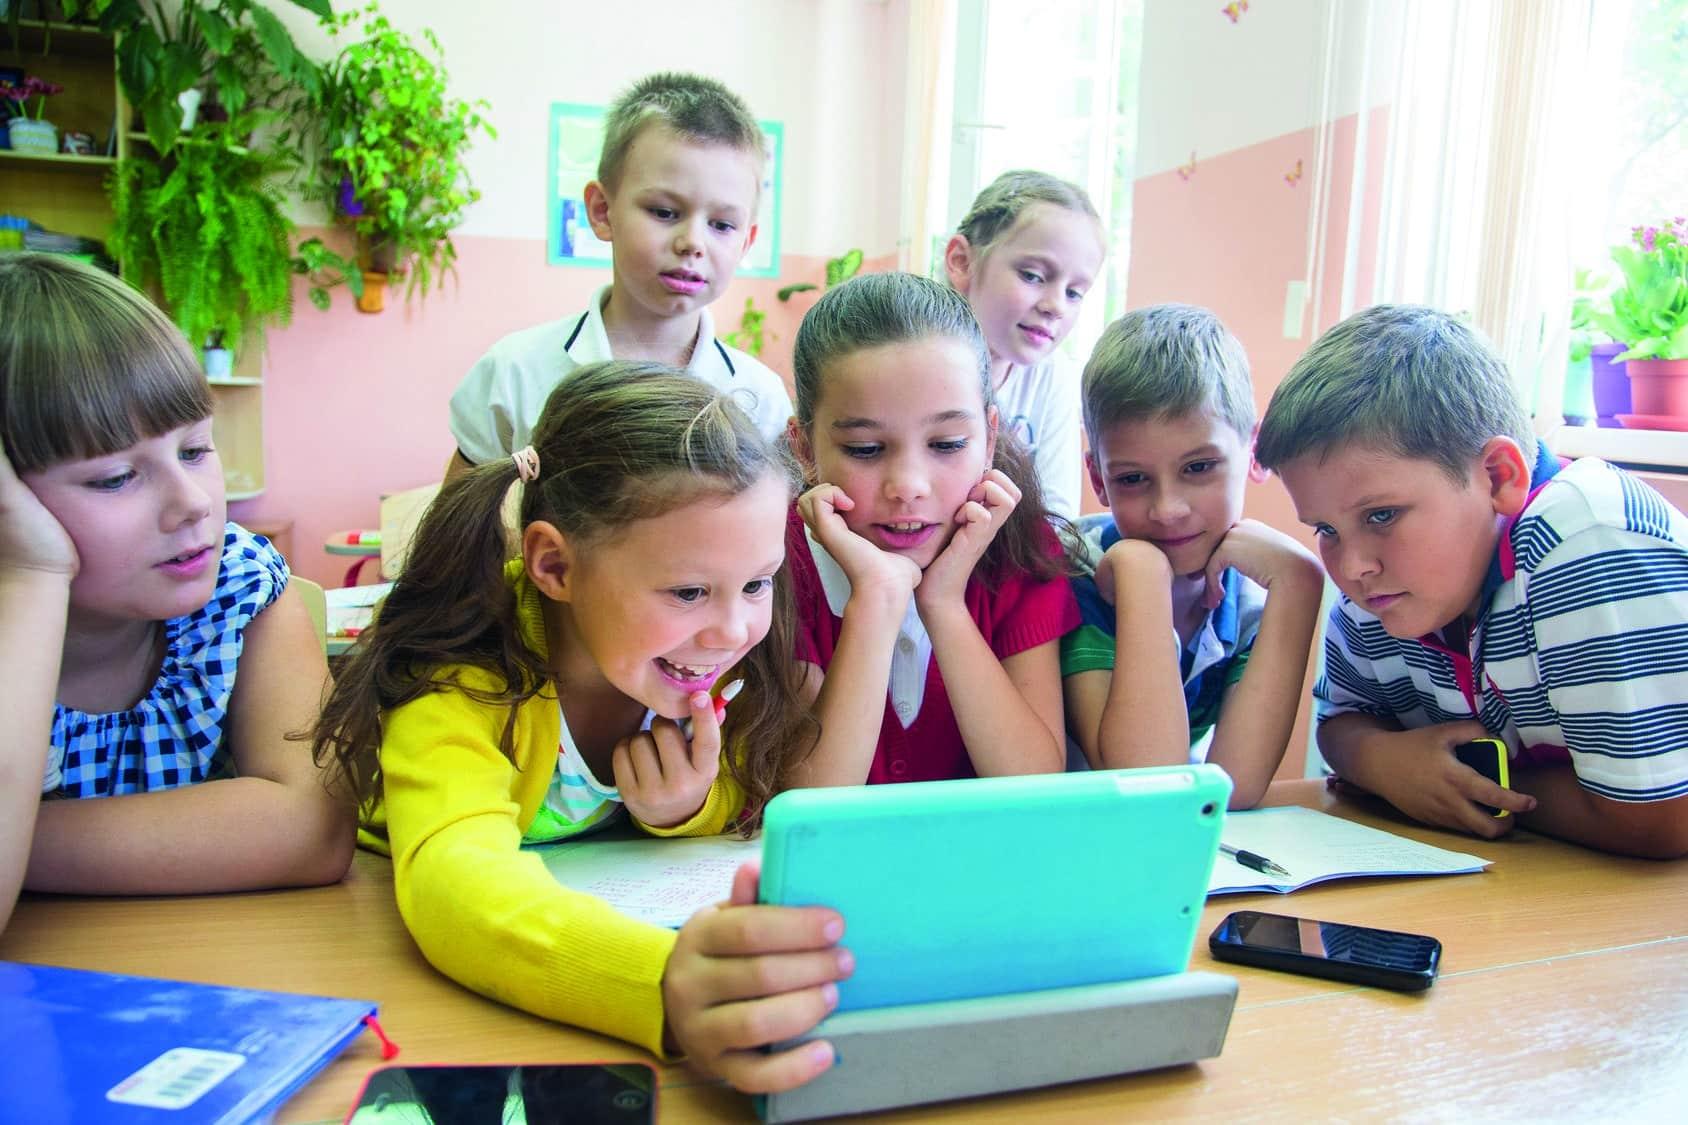 Recopilación de los mejores Entornos de aprendizaje para el aula